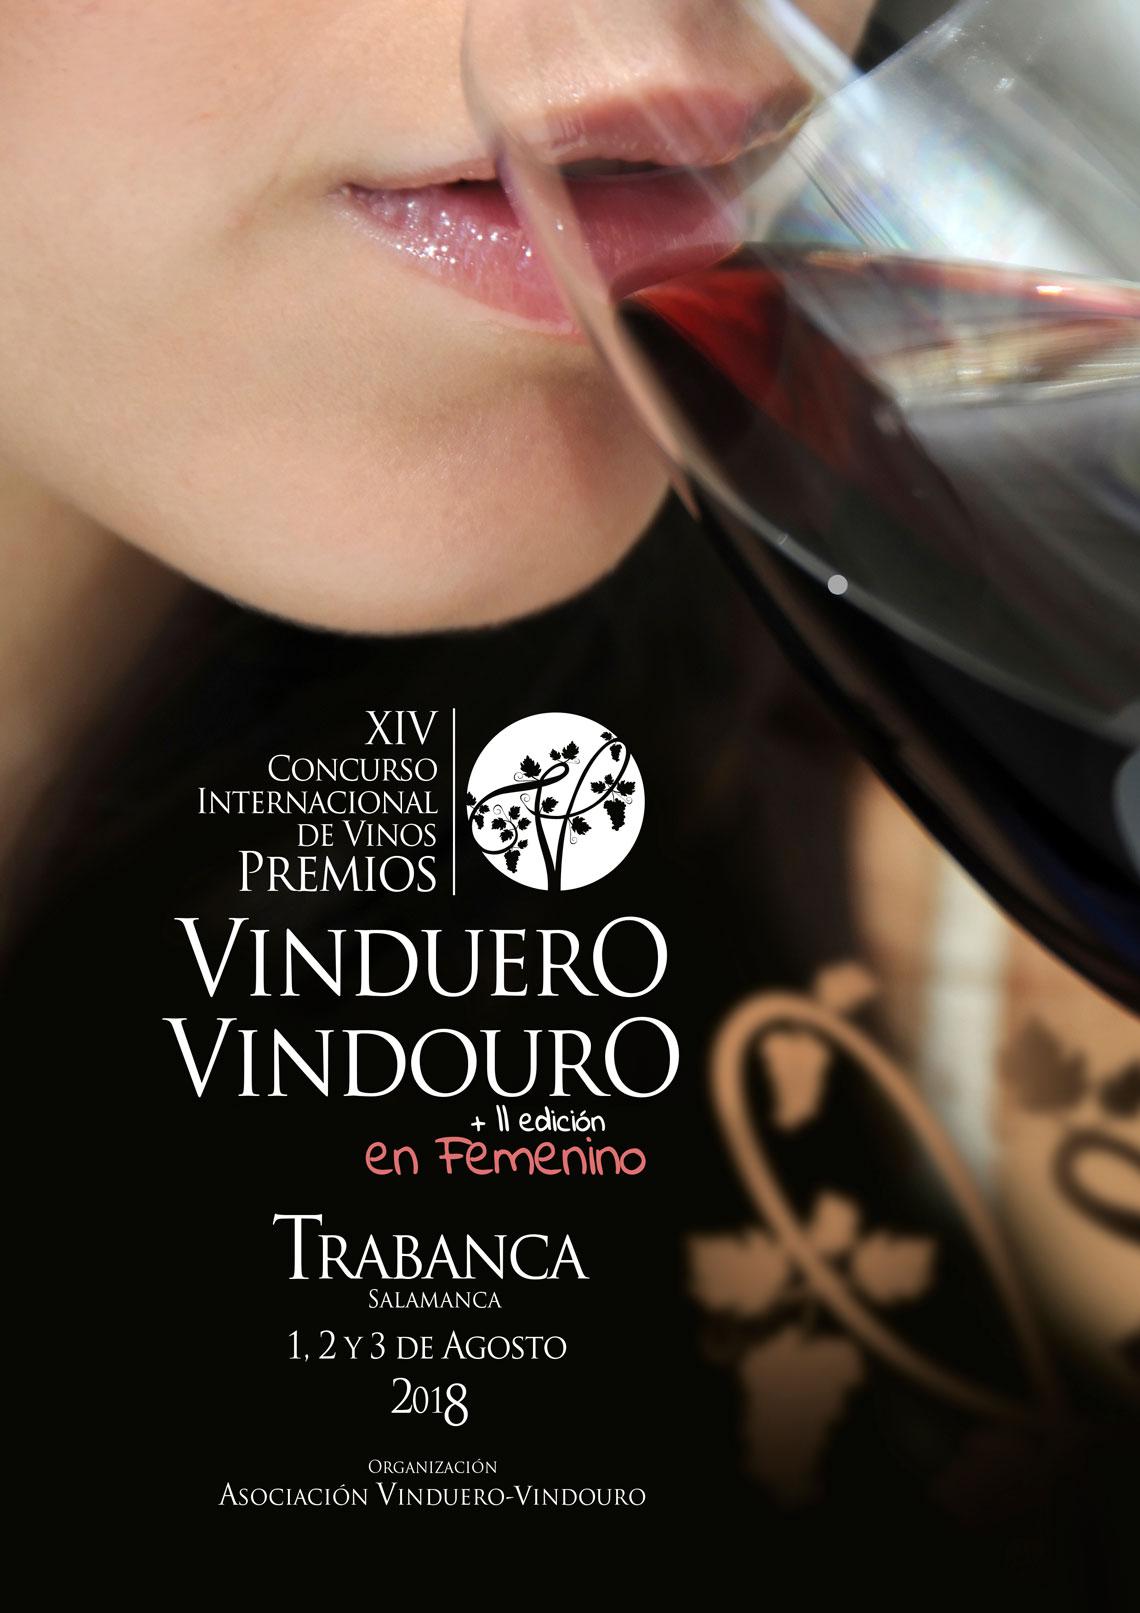 VinDuero VinDouro 2018